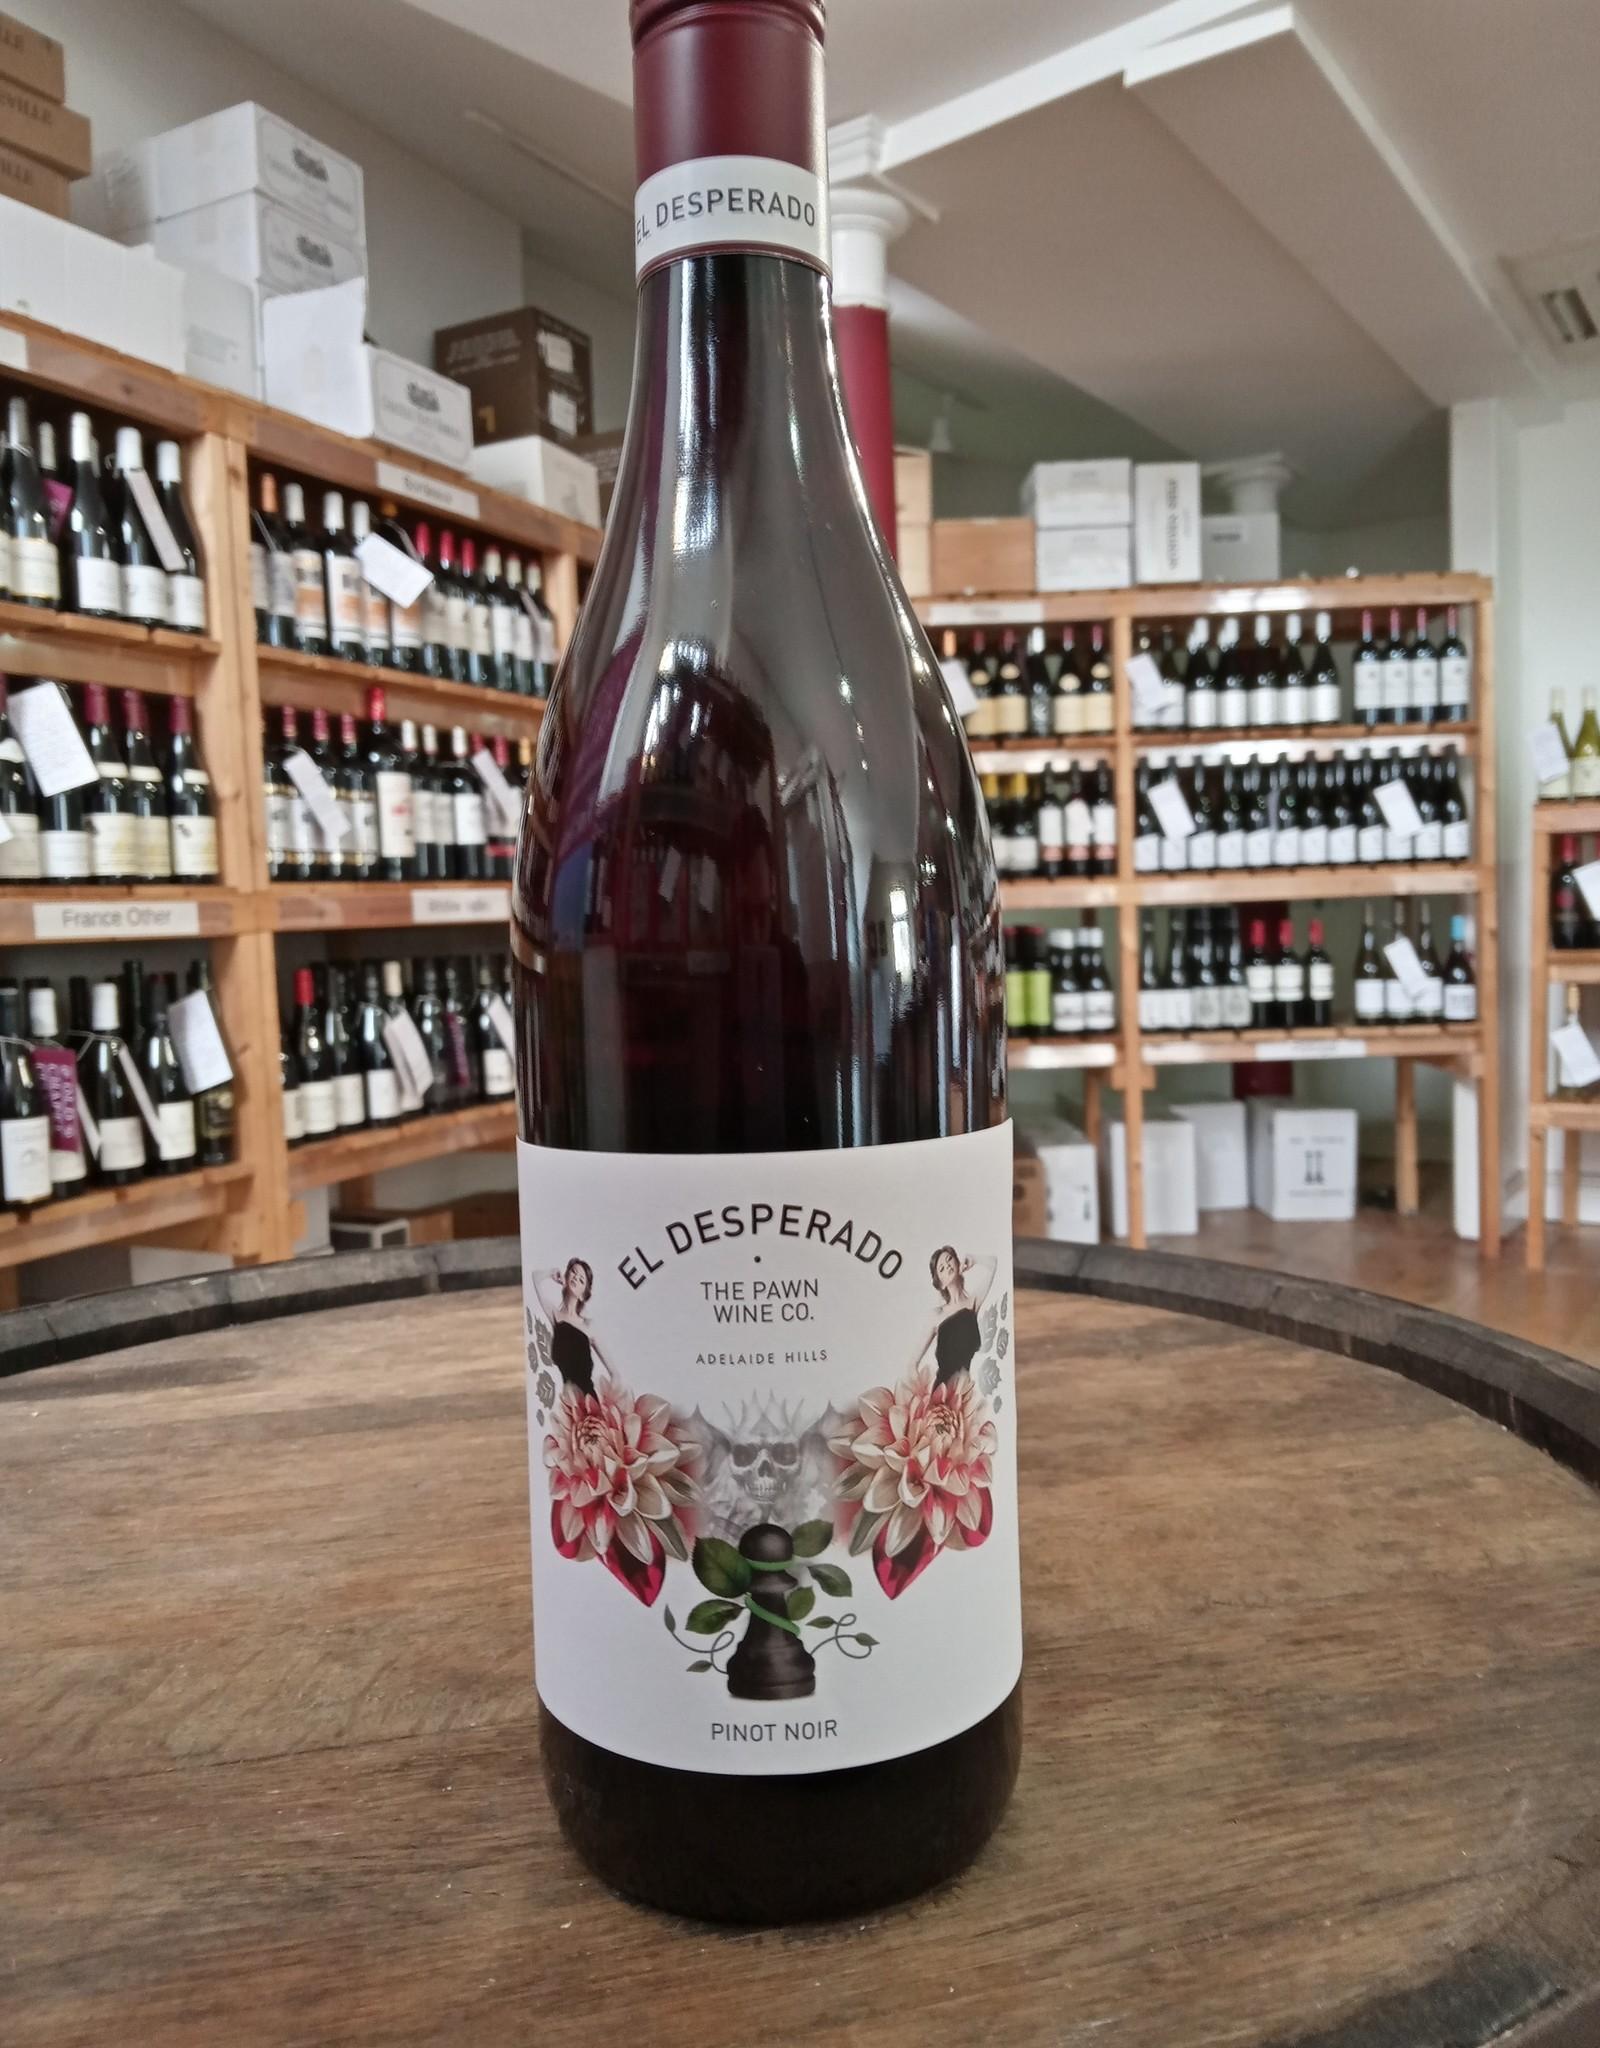 2019 El Desperado Pinot Noir